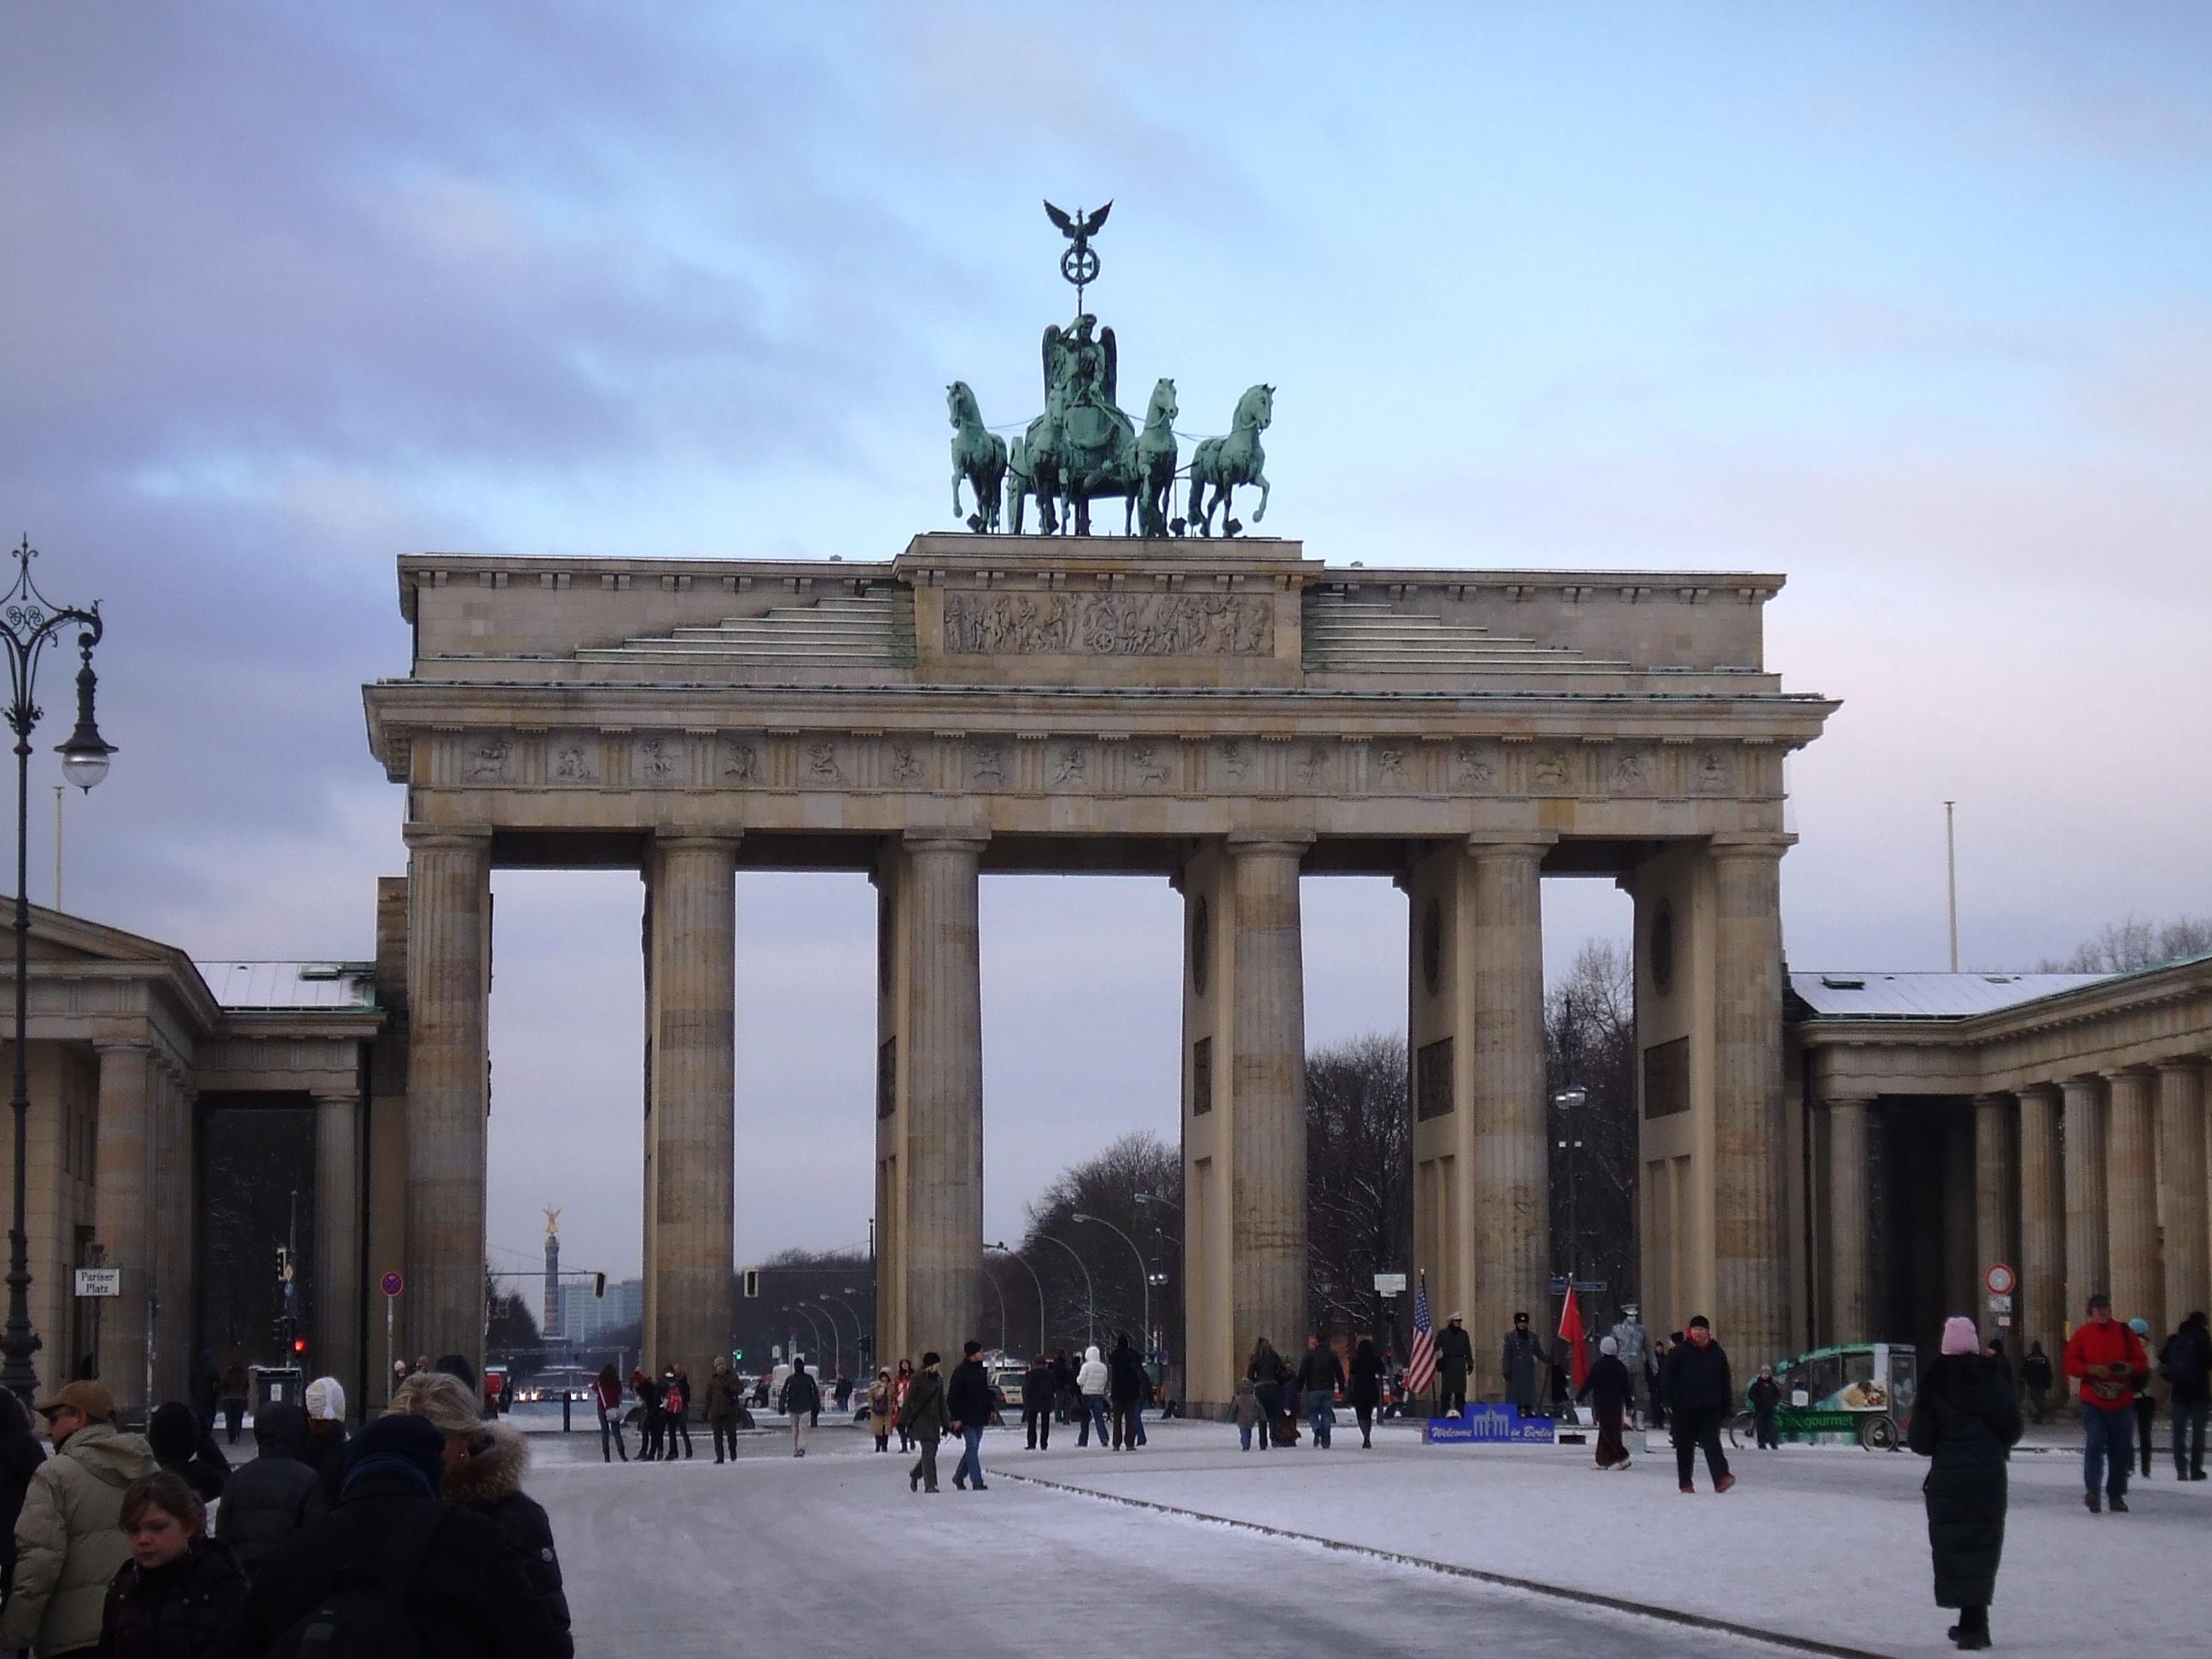 Filepuerta De Brandemburgo Berlín 01jpg Wikimedia Commons